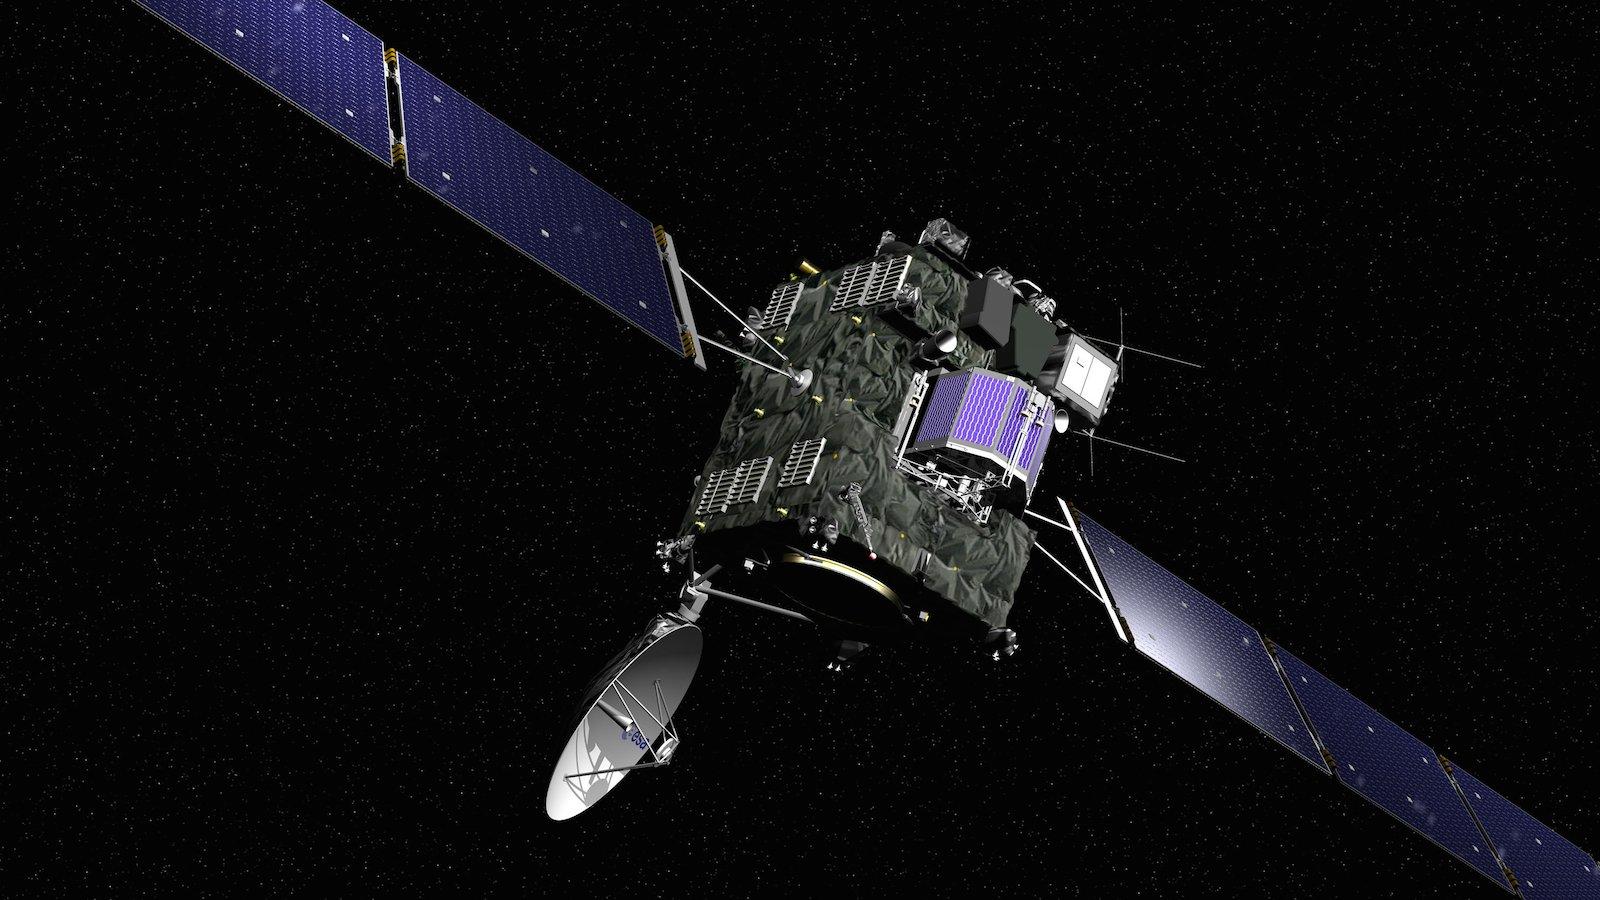 Da waren sie noch zusammen im All unterwegs: Die Sonde Rosetta mit dem Kometenlander Philae an Bord.